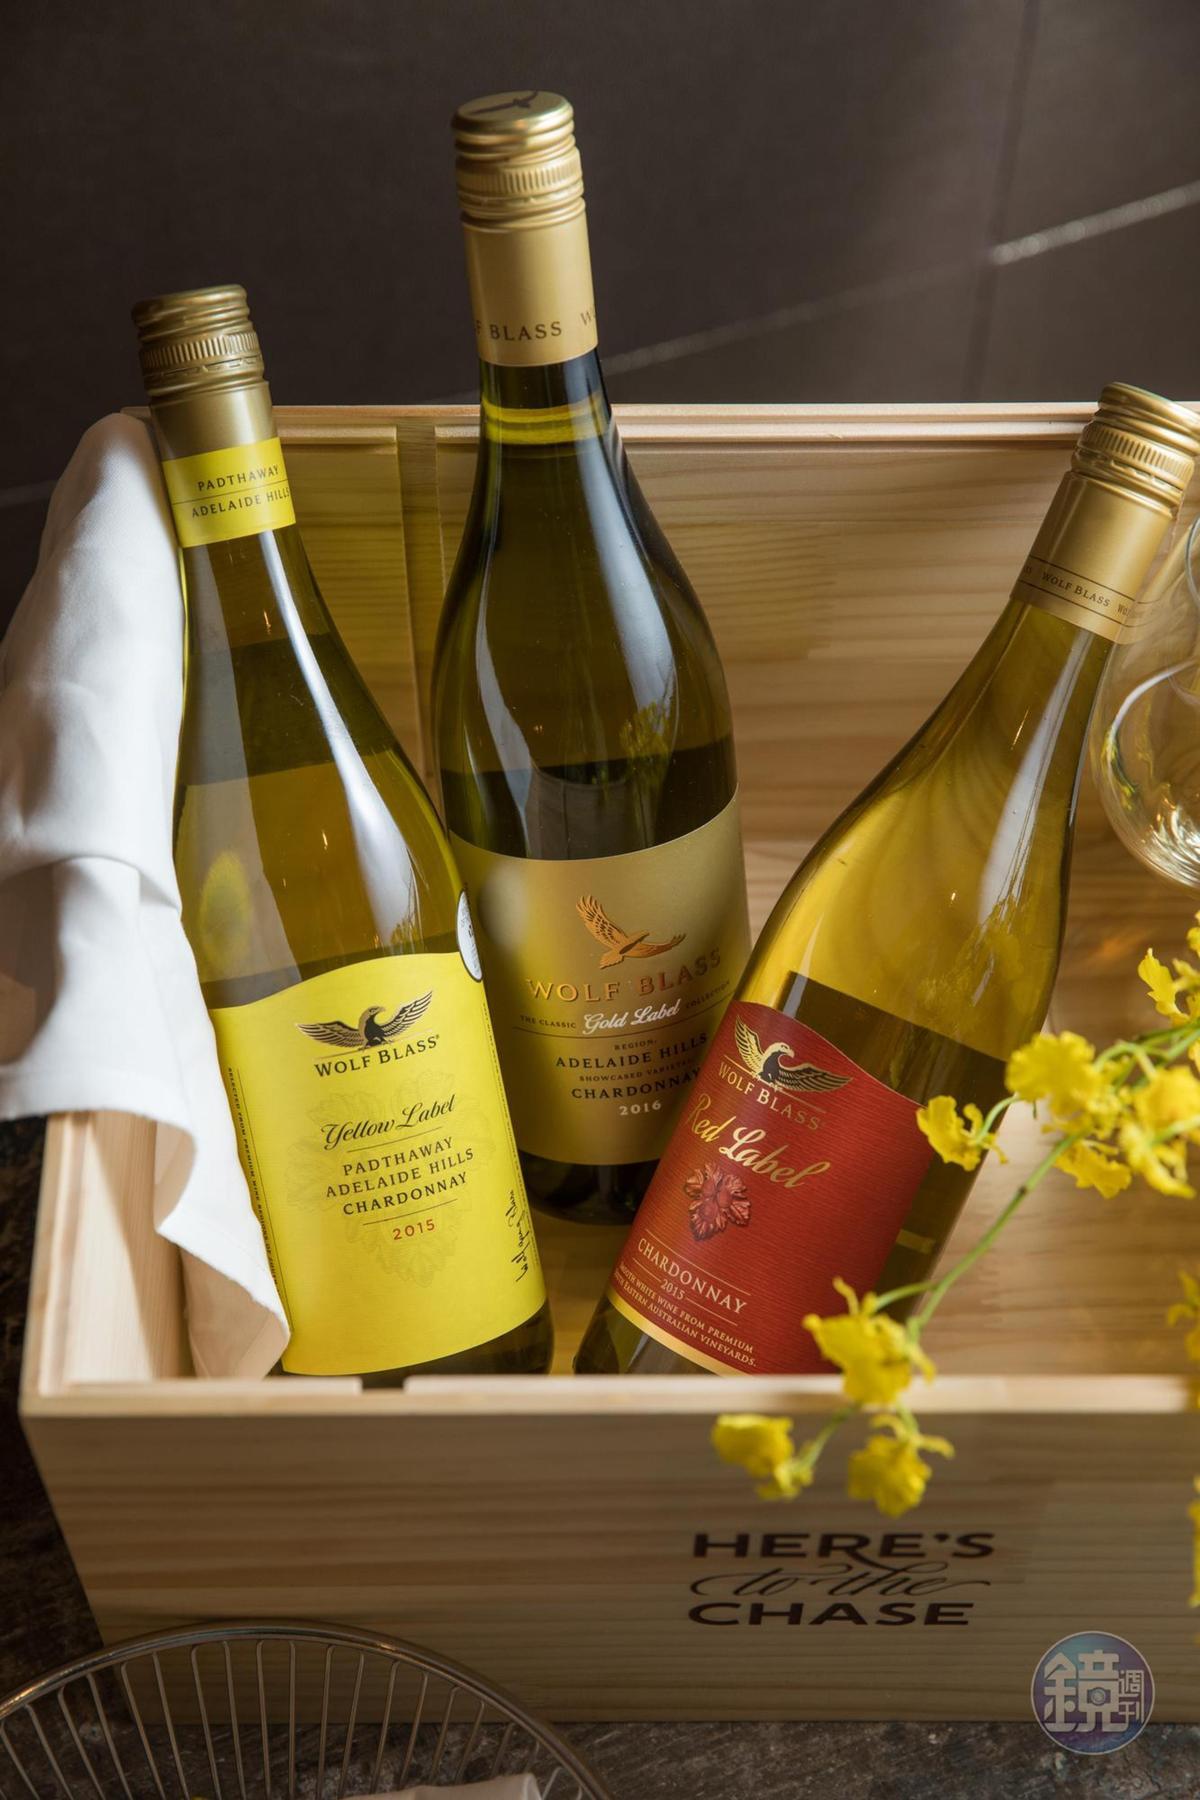 禾富的白酒產品線也很完整,同樣是夏多內,黃標口感柔和,金標果香馥郁,紅標明亮清新。(左起,650元、1,500元、550元/瓶)